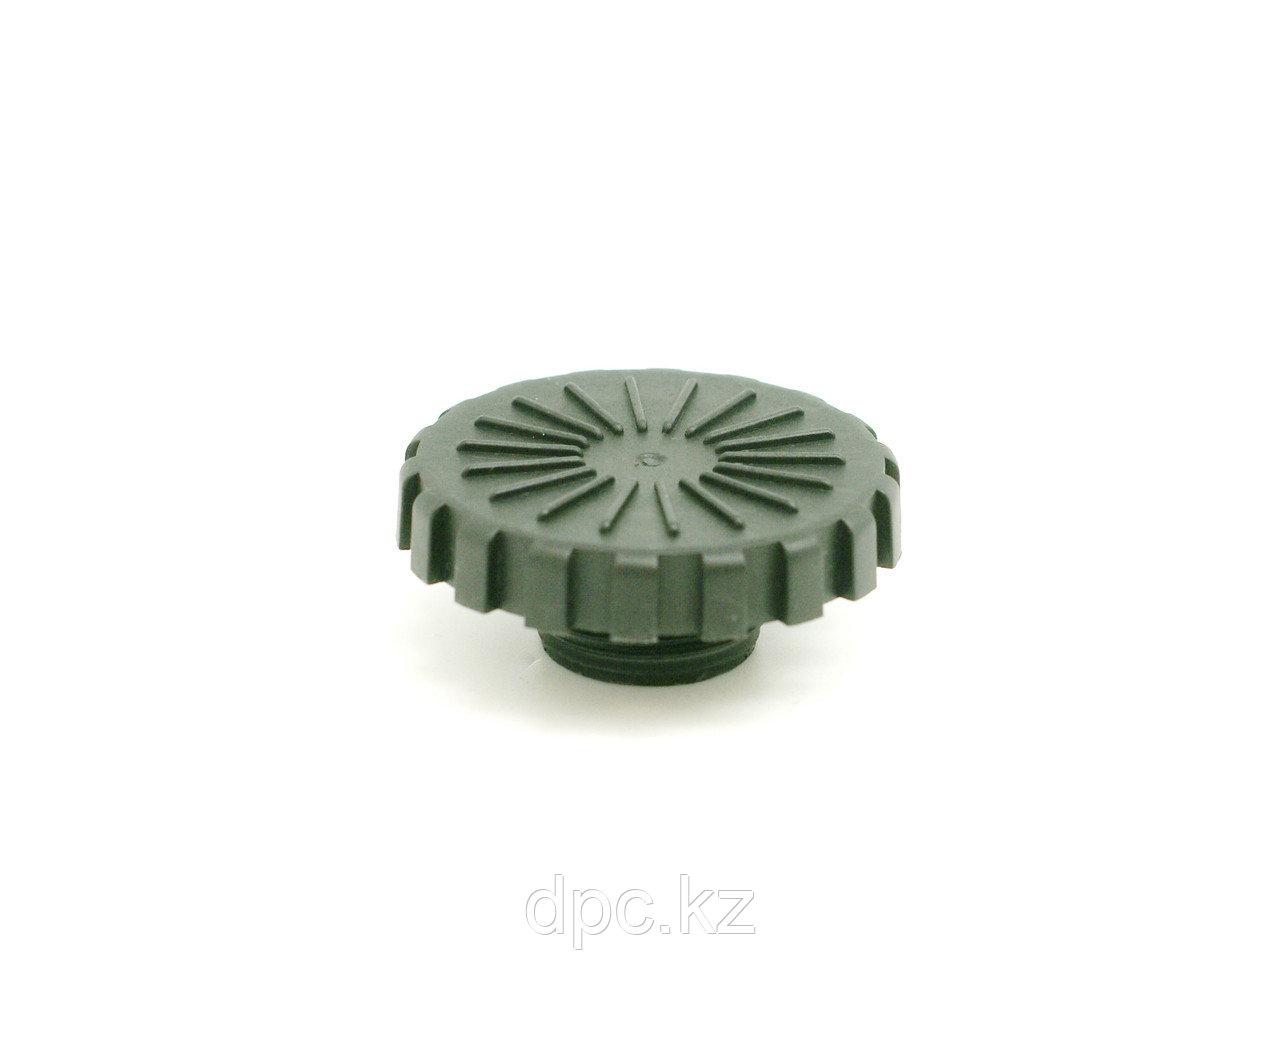 Крышка маслозаливной горловины на двигатель Cummins ISDe185-41 Евро 4 1003-00258 4895459 4895460 5255448